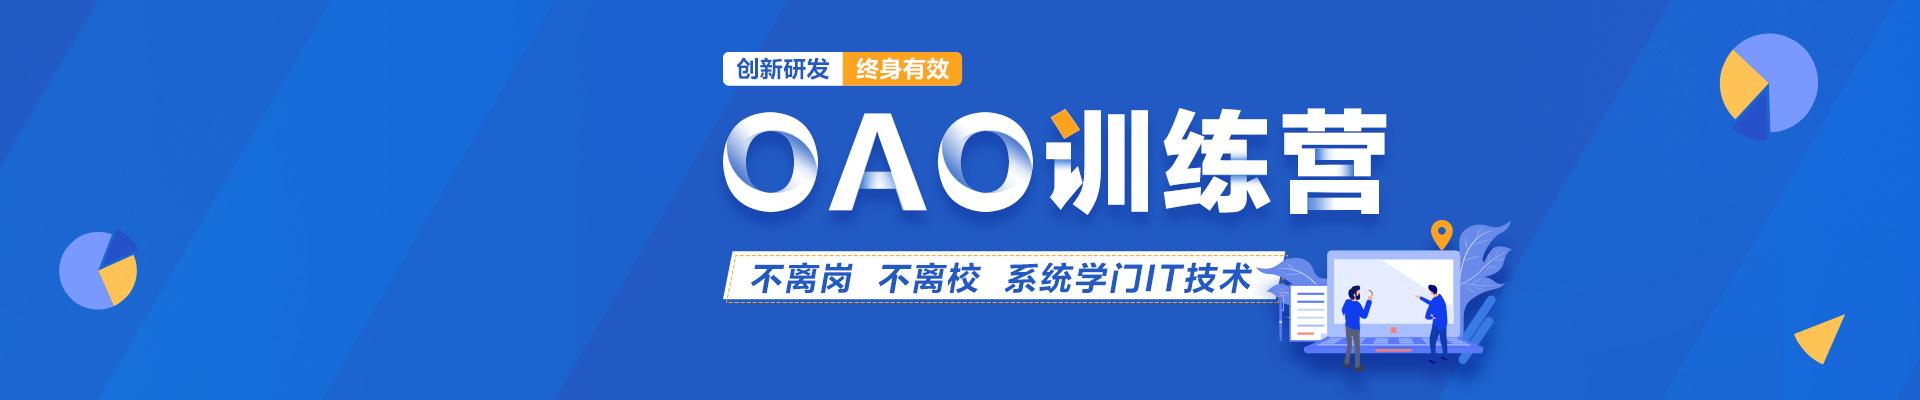 http://xue.ujiuye.com/zt/oao/?wt.bd=lunbo